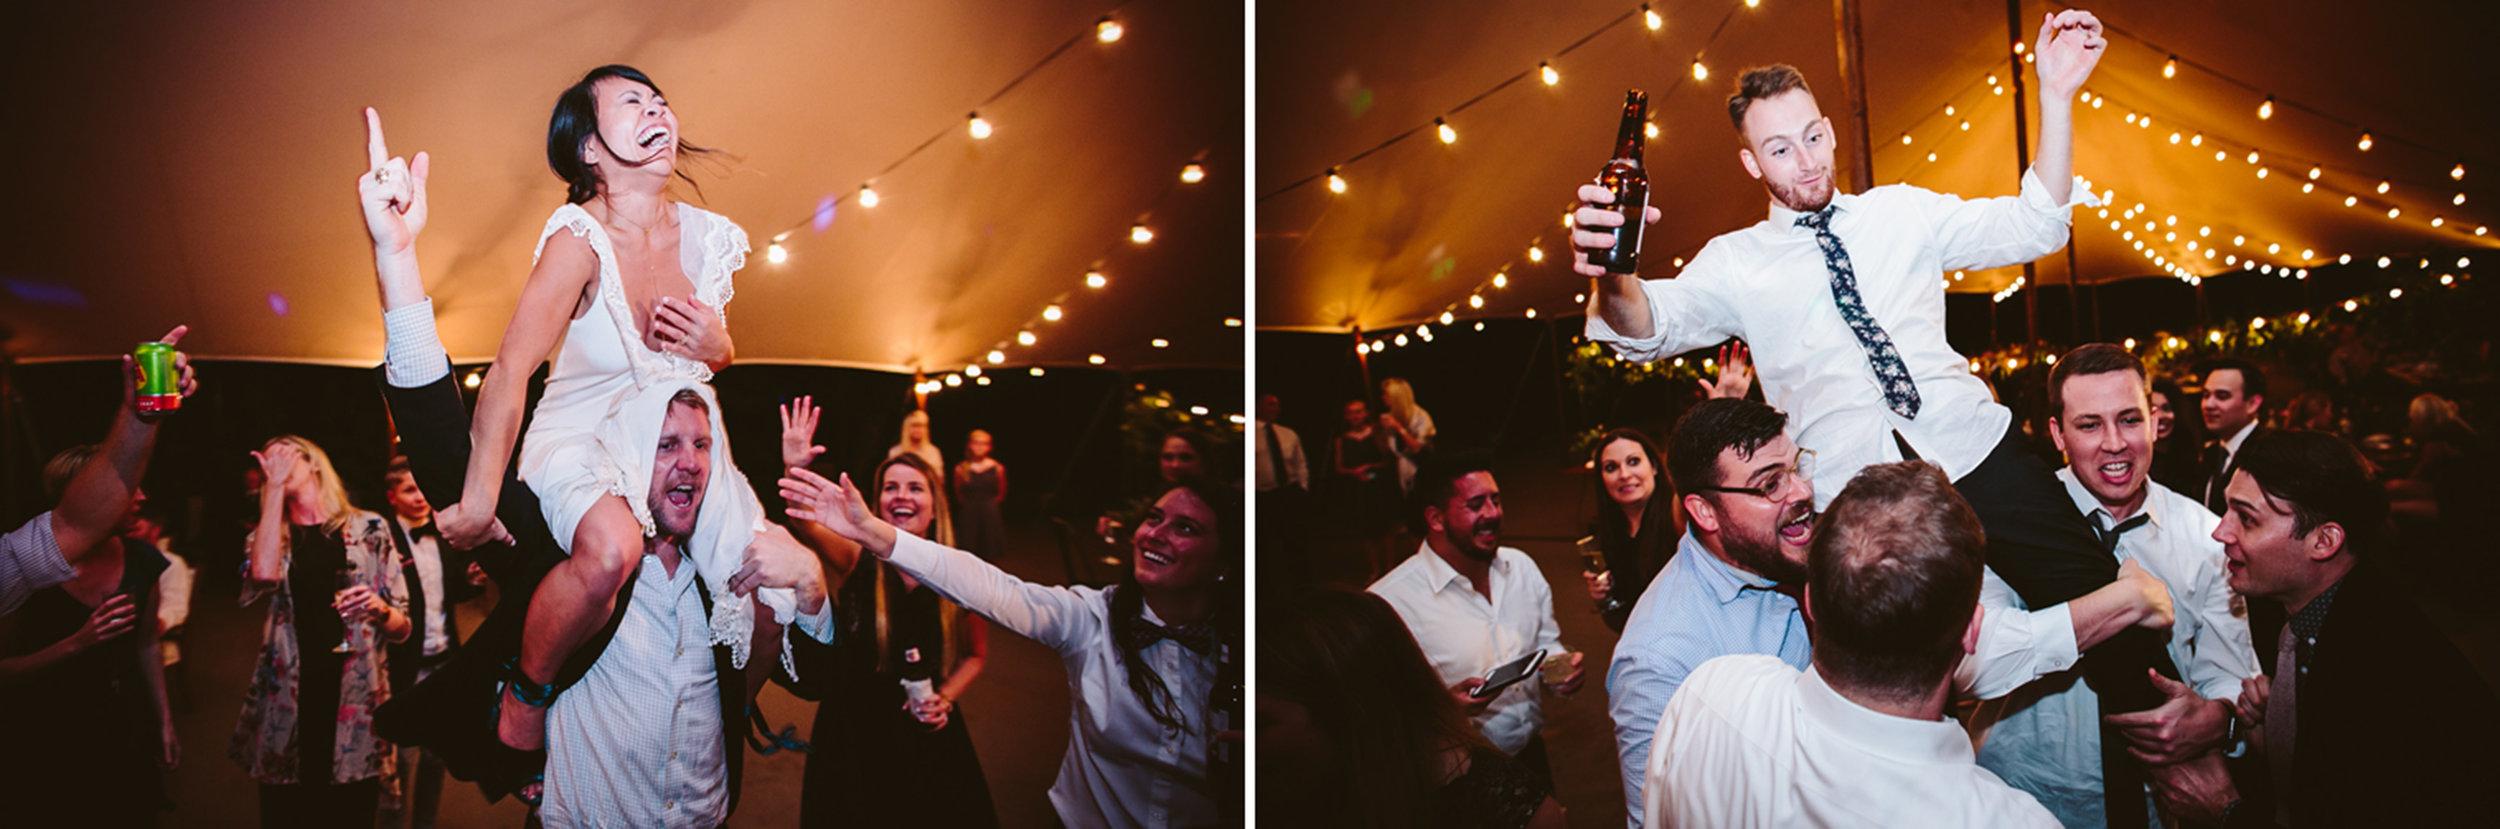 austin_WeddingPhotographer_057.jpg